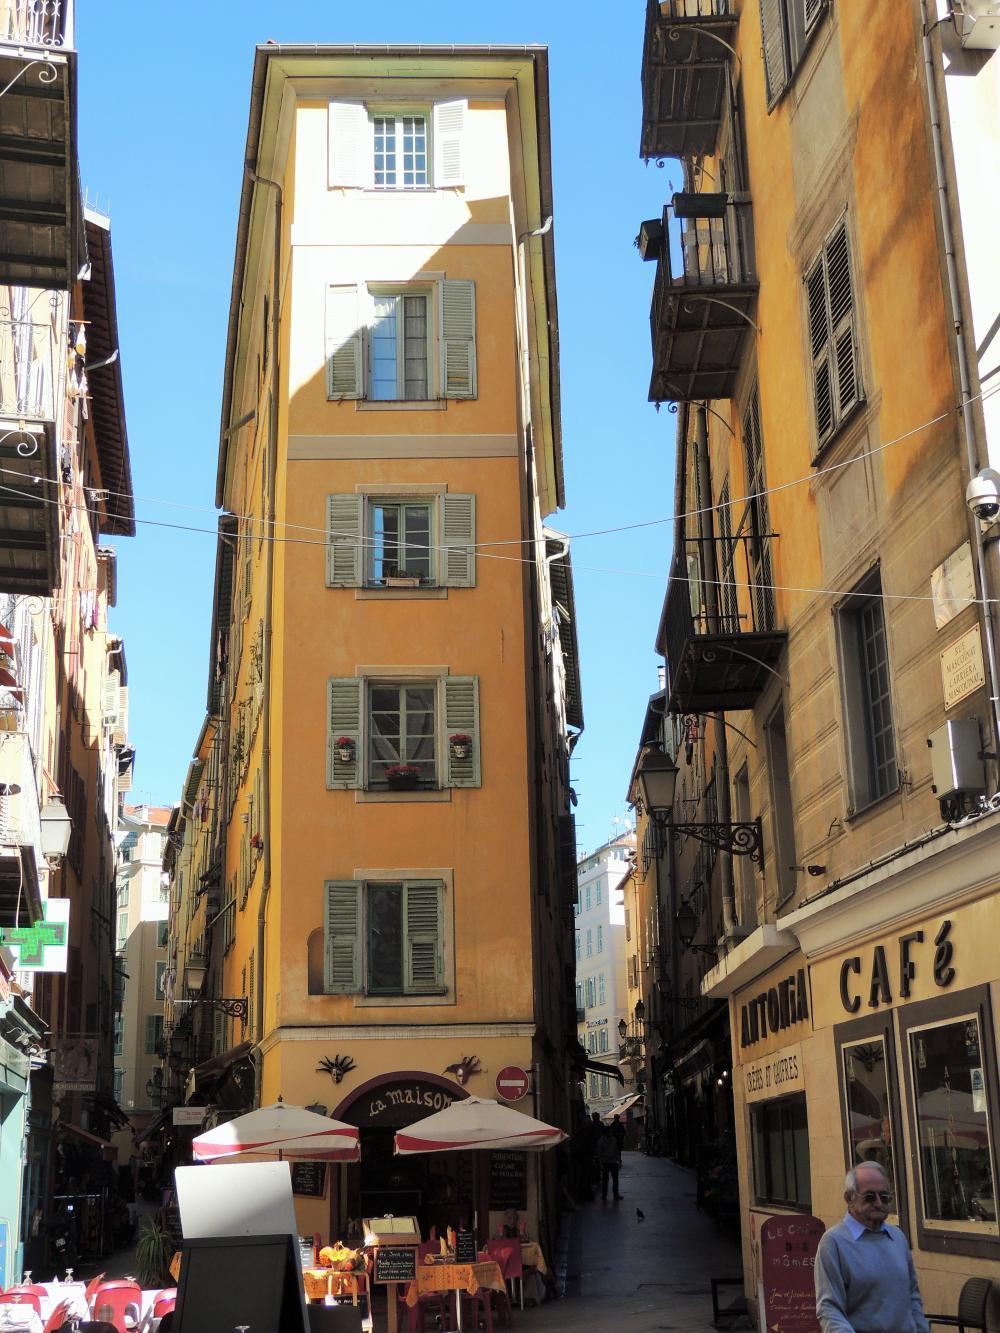 Rue Vieux Nice